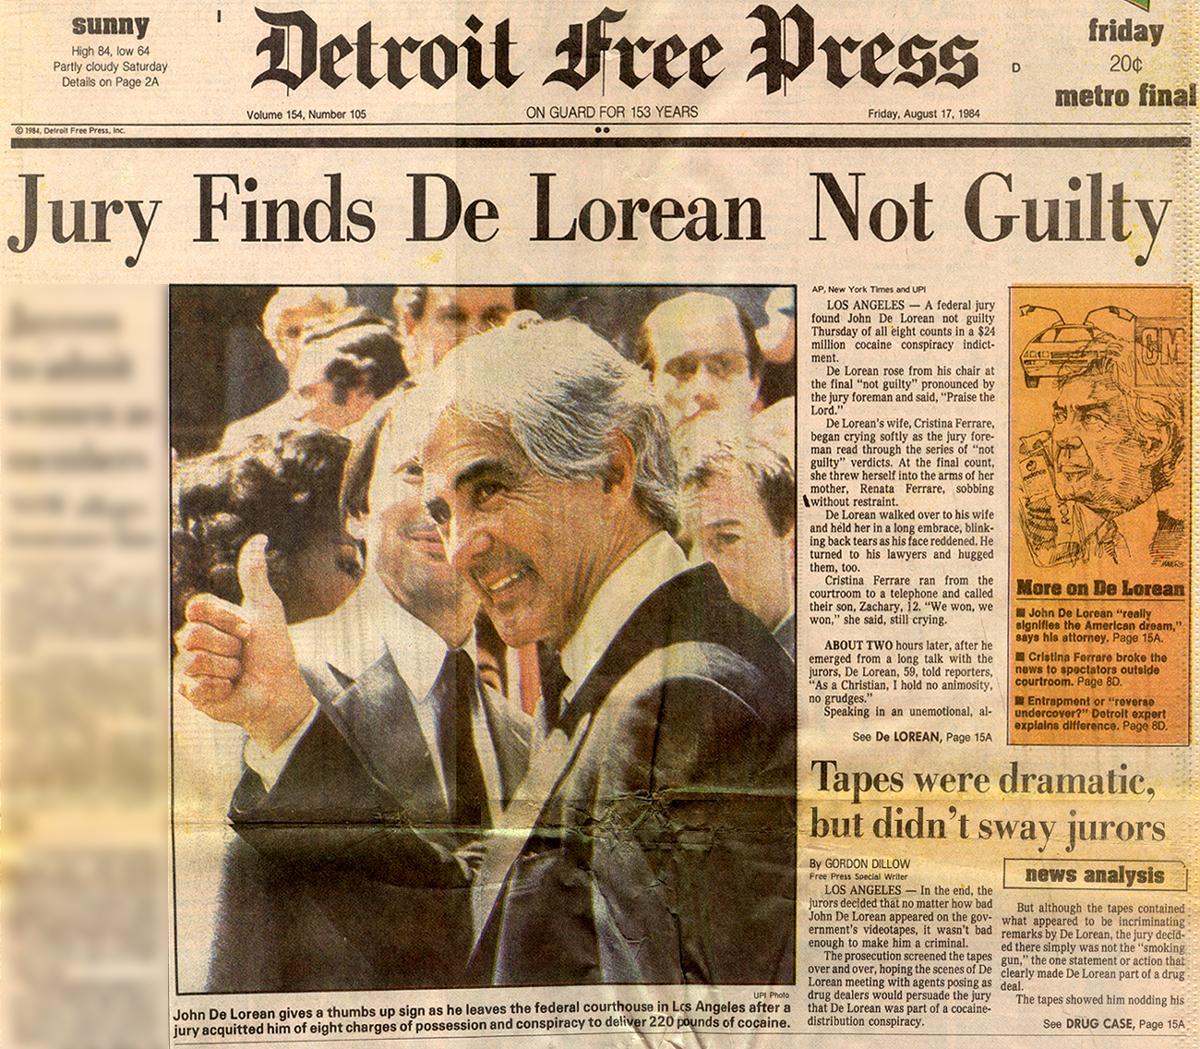 En tydelig fornøyd DeLorean går ut av rettslokalene, etter å ha blitt funnet ''Not Guilty''.